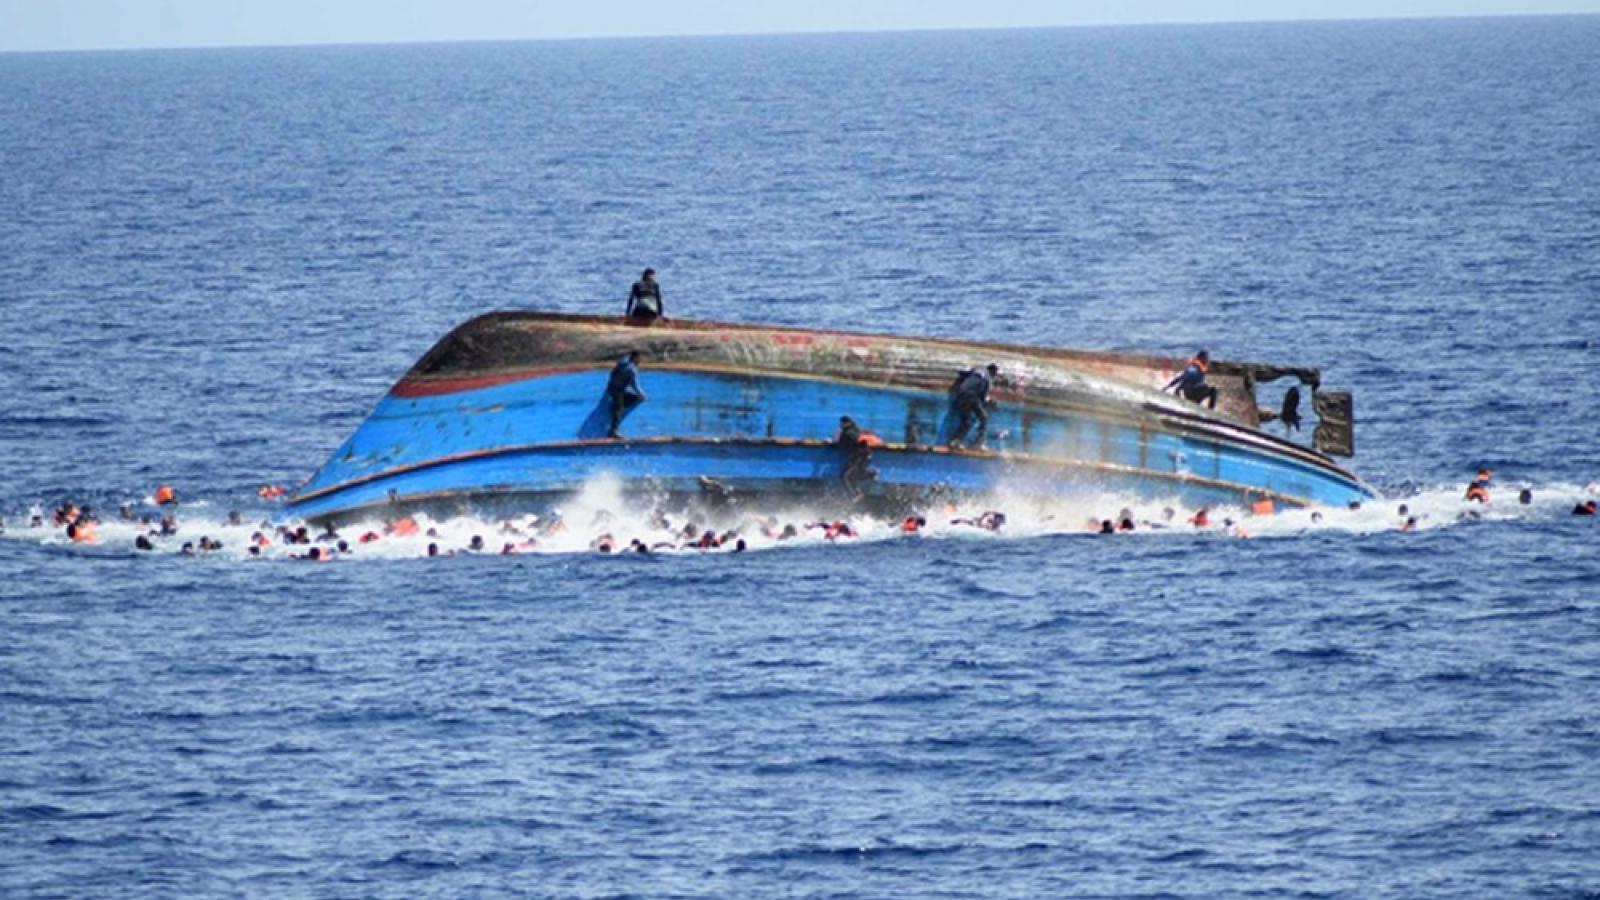 Đắm tàu ngoài khơi bờ biển Libya: Ít nhất 74 người thiệt mạng